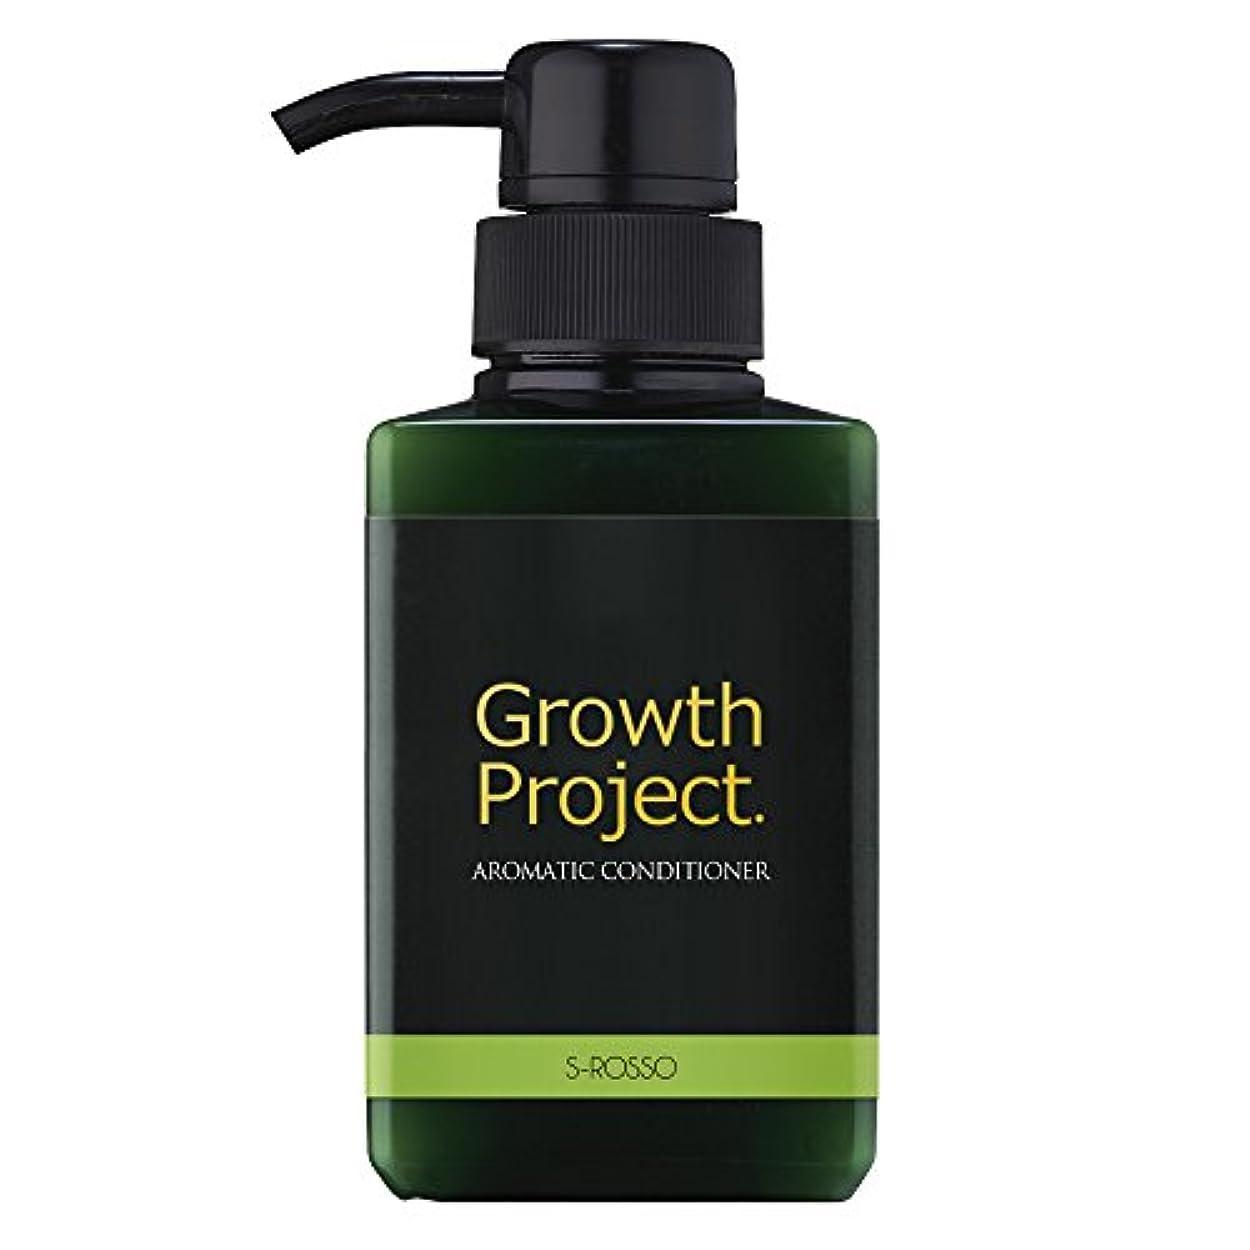 Growth Project アロマコンディショナー